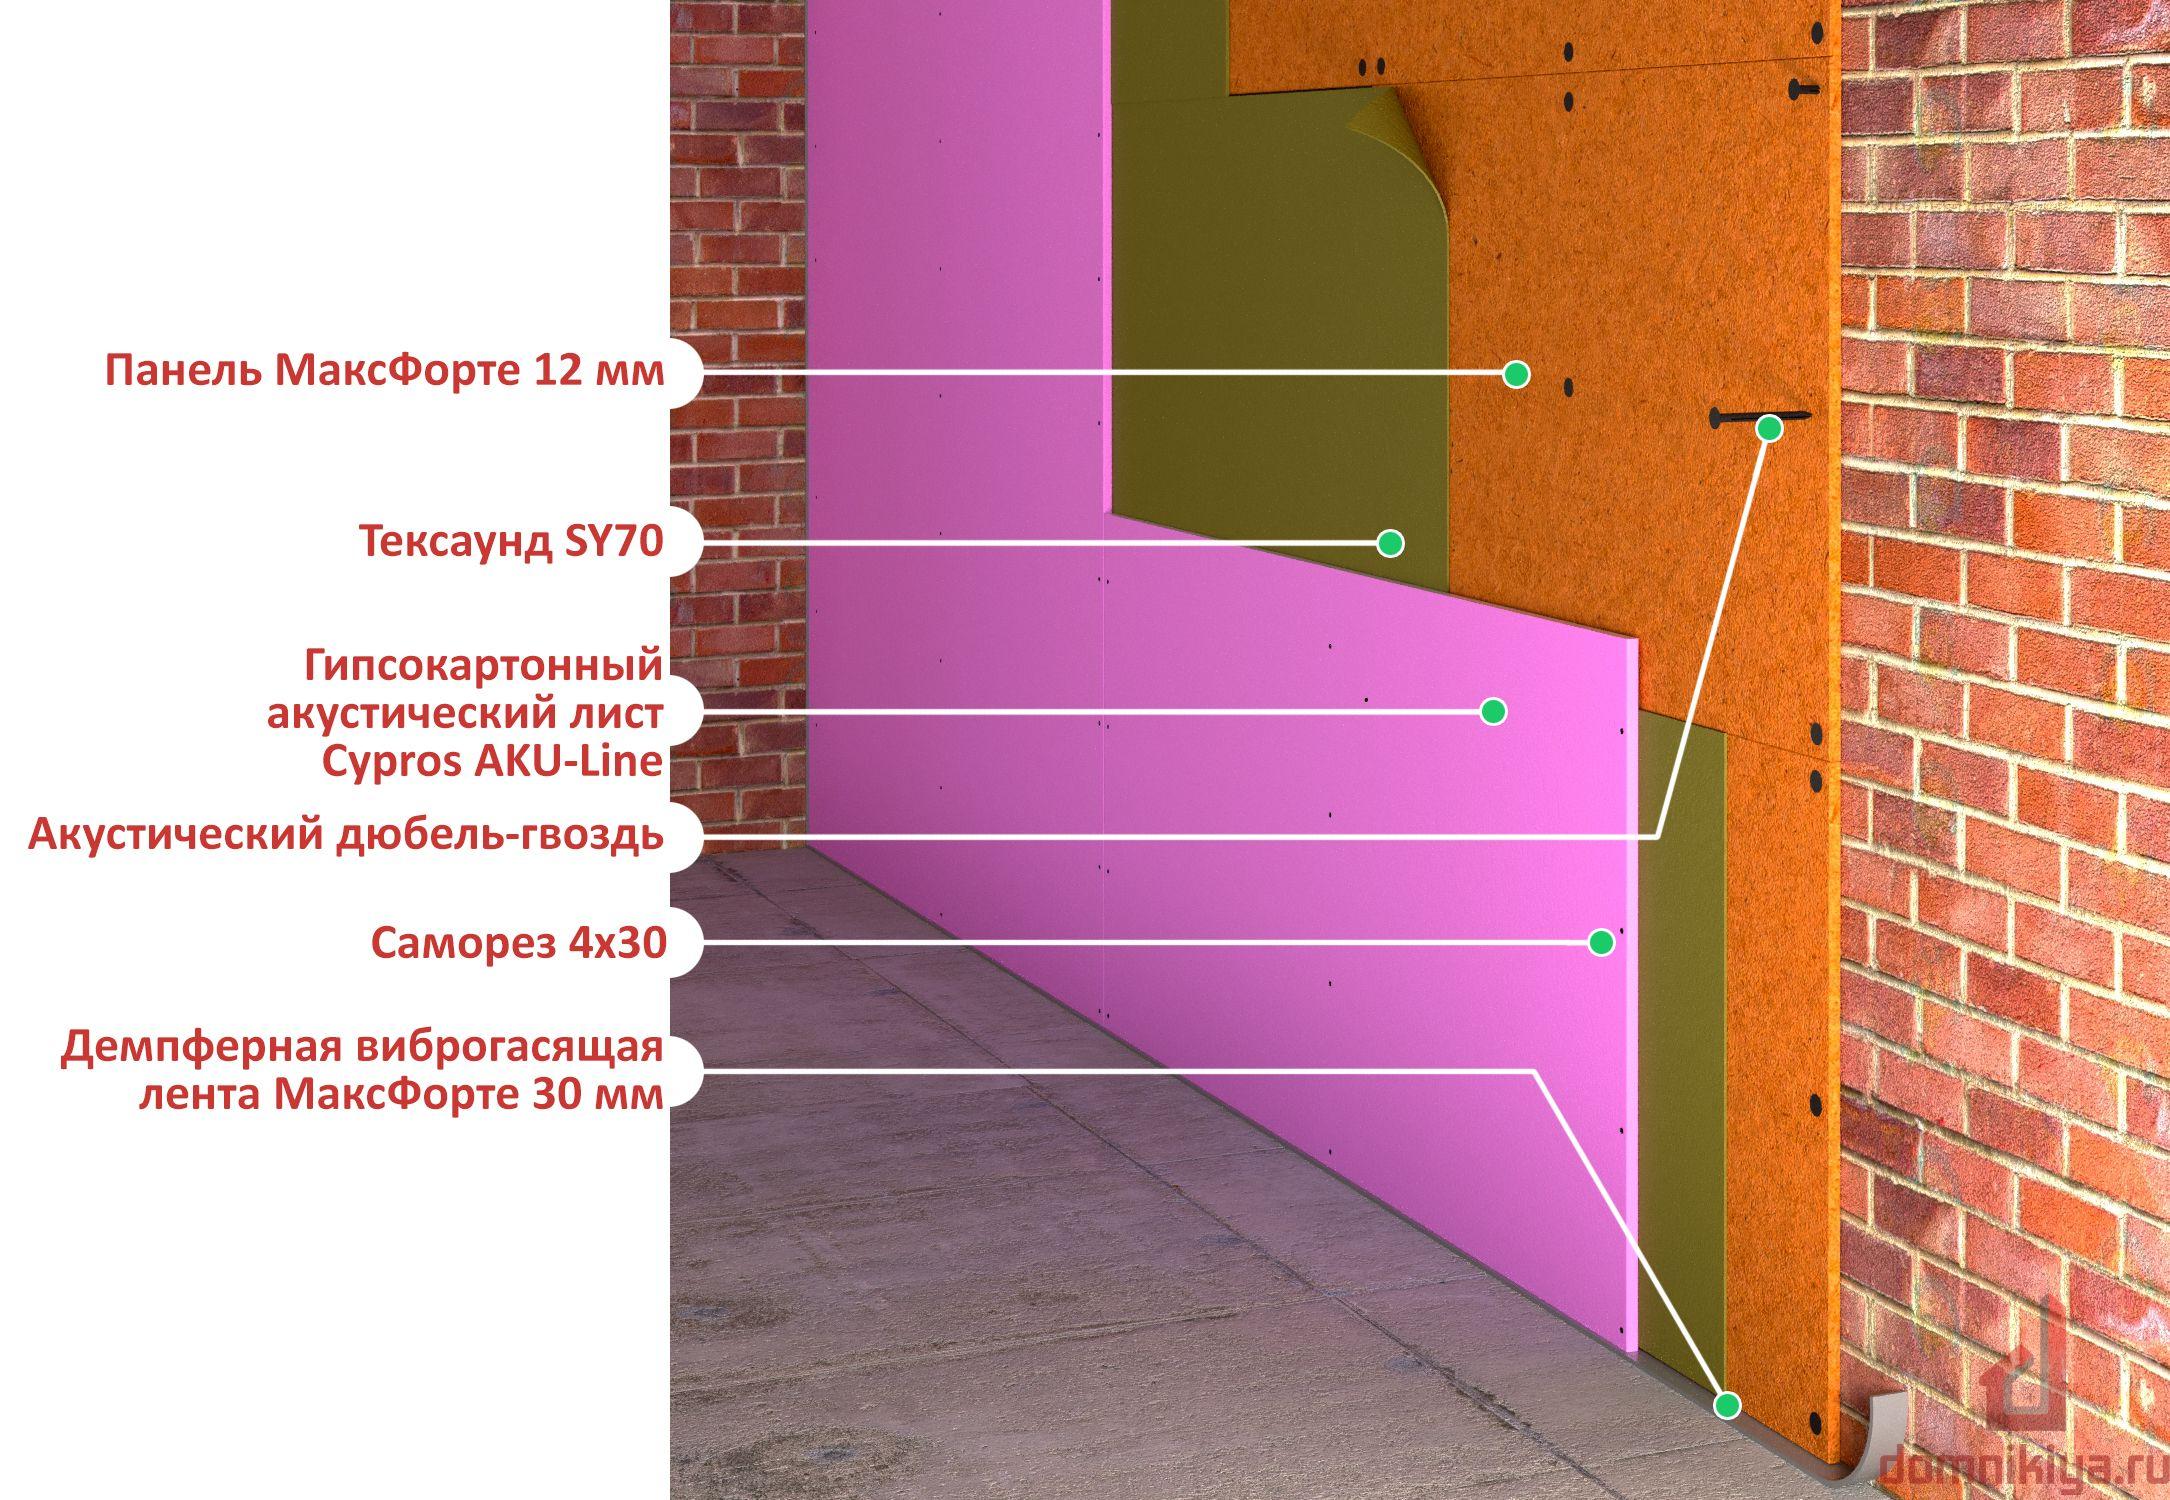 Выбор рулонного утеплителя для стен - какой лучше